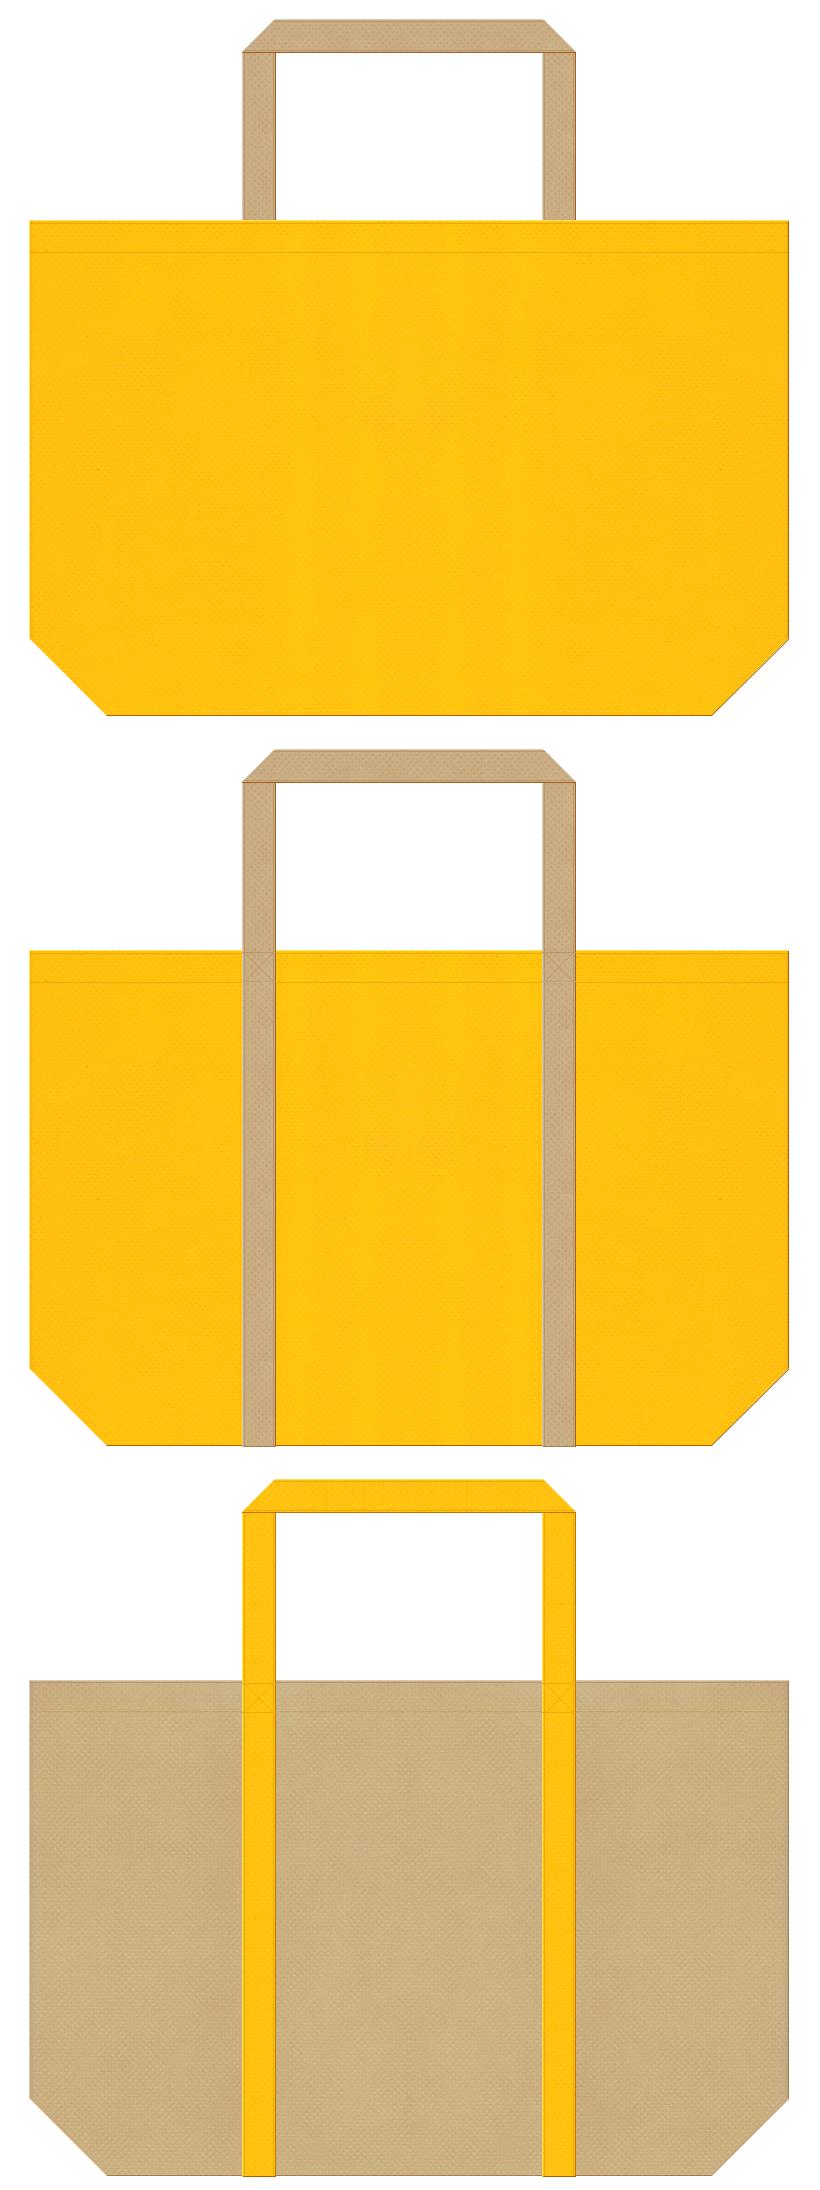 はちみつ・バター・マロンケーキ・スイーツ・ベーカリーショップ・日曜大工・木工・工作教室・DIYイベントにお奨めの不織布バッグデザイン:黄色とカーキ色のコーデ